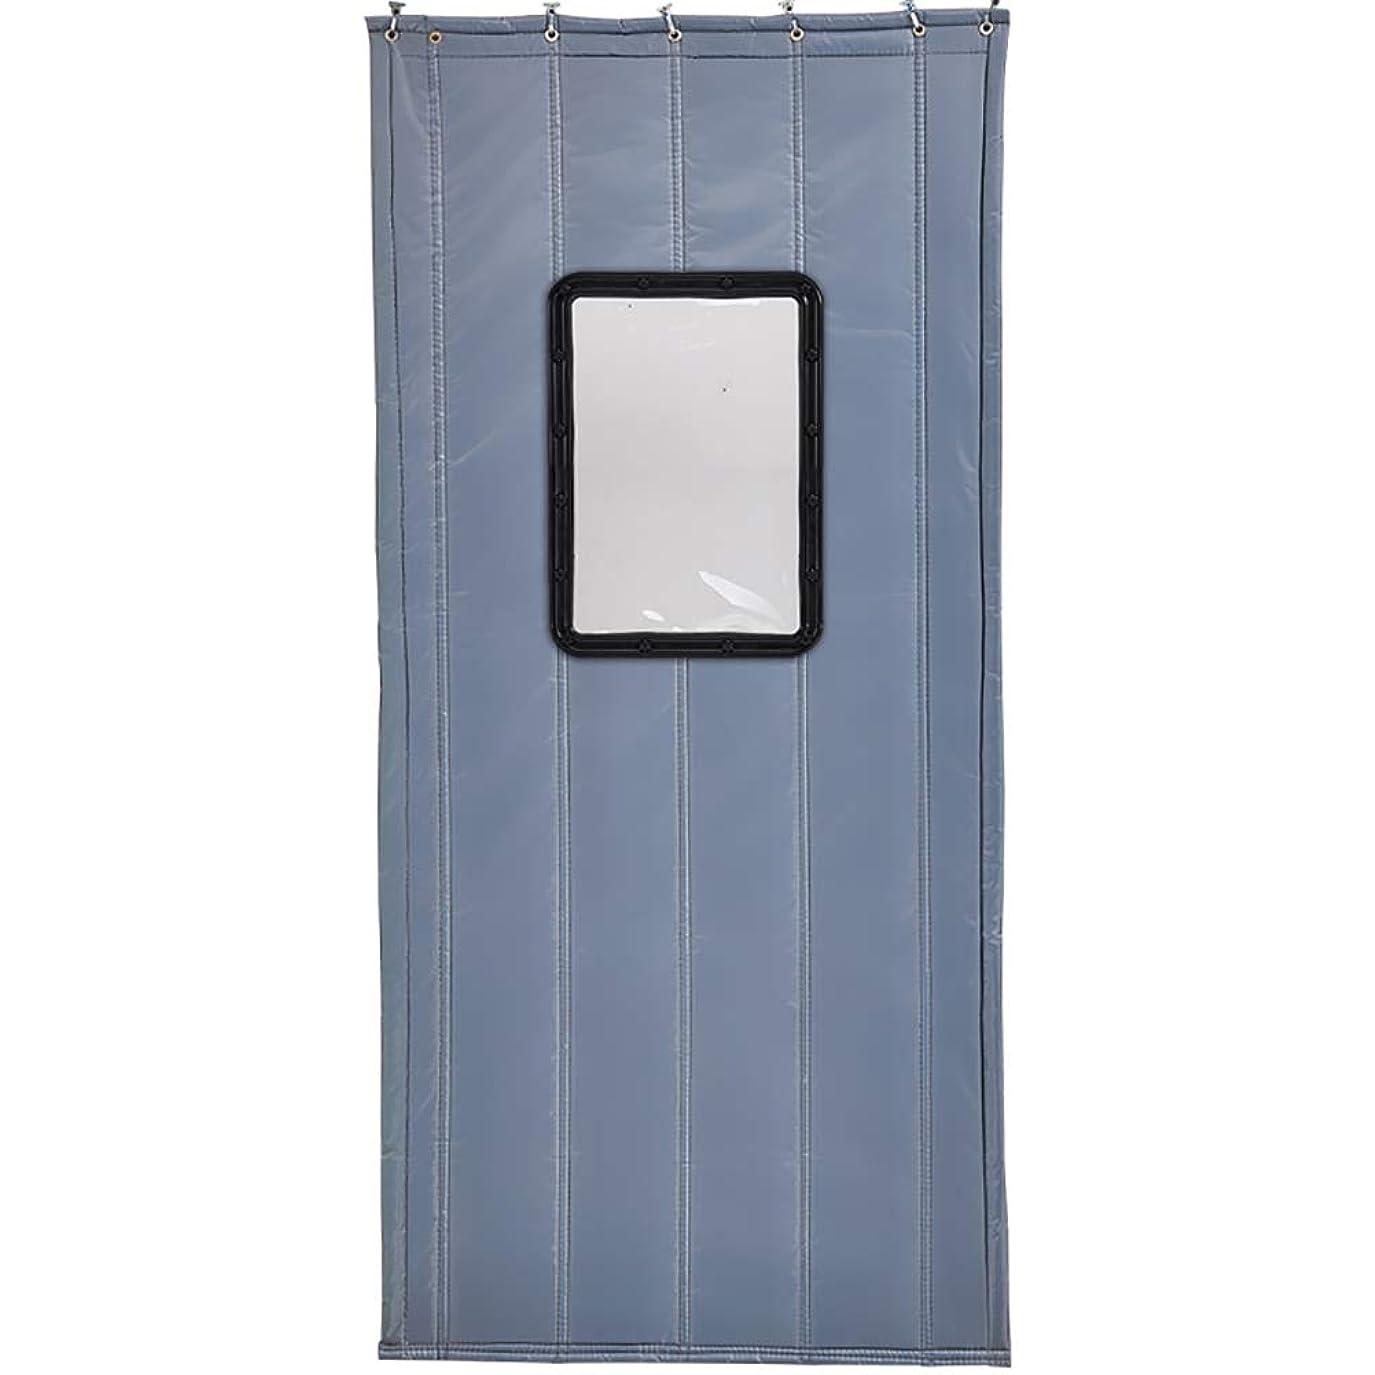 能力糸従順なGUOWEI ドアカーテン 断熱 サーマル 防風 トランスペアレント 窓 エントランス カスタマイズ可能、 2色、35サイズ (色 : Gray, サイズ さいず : 130x210cm)